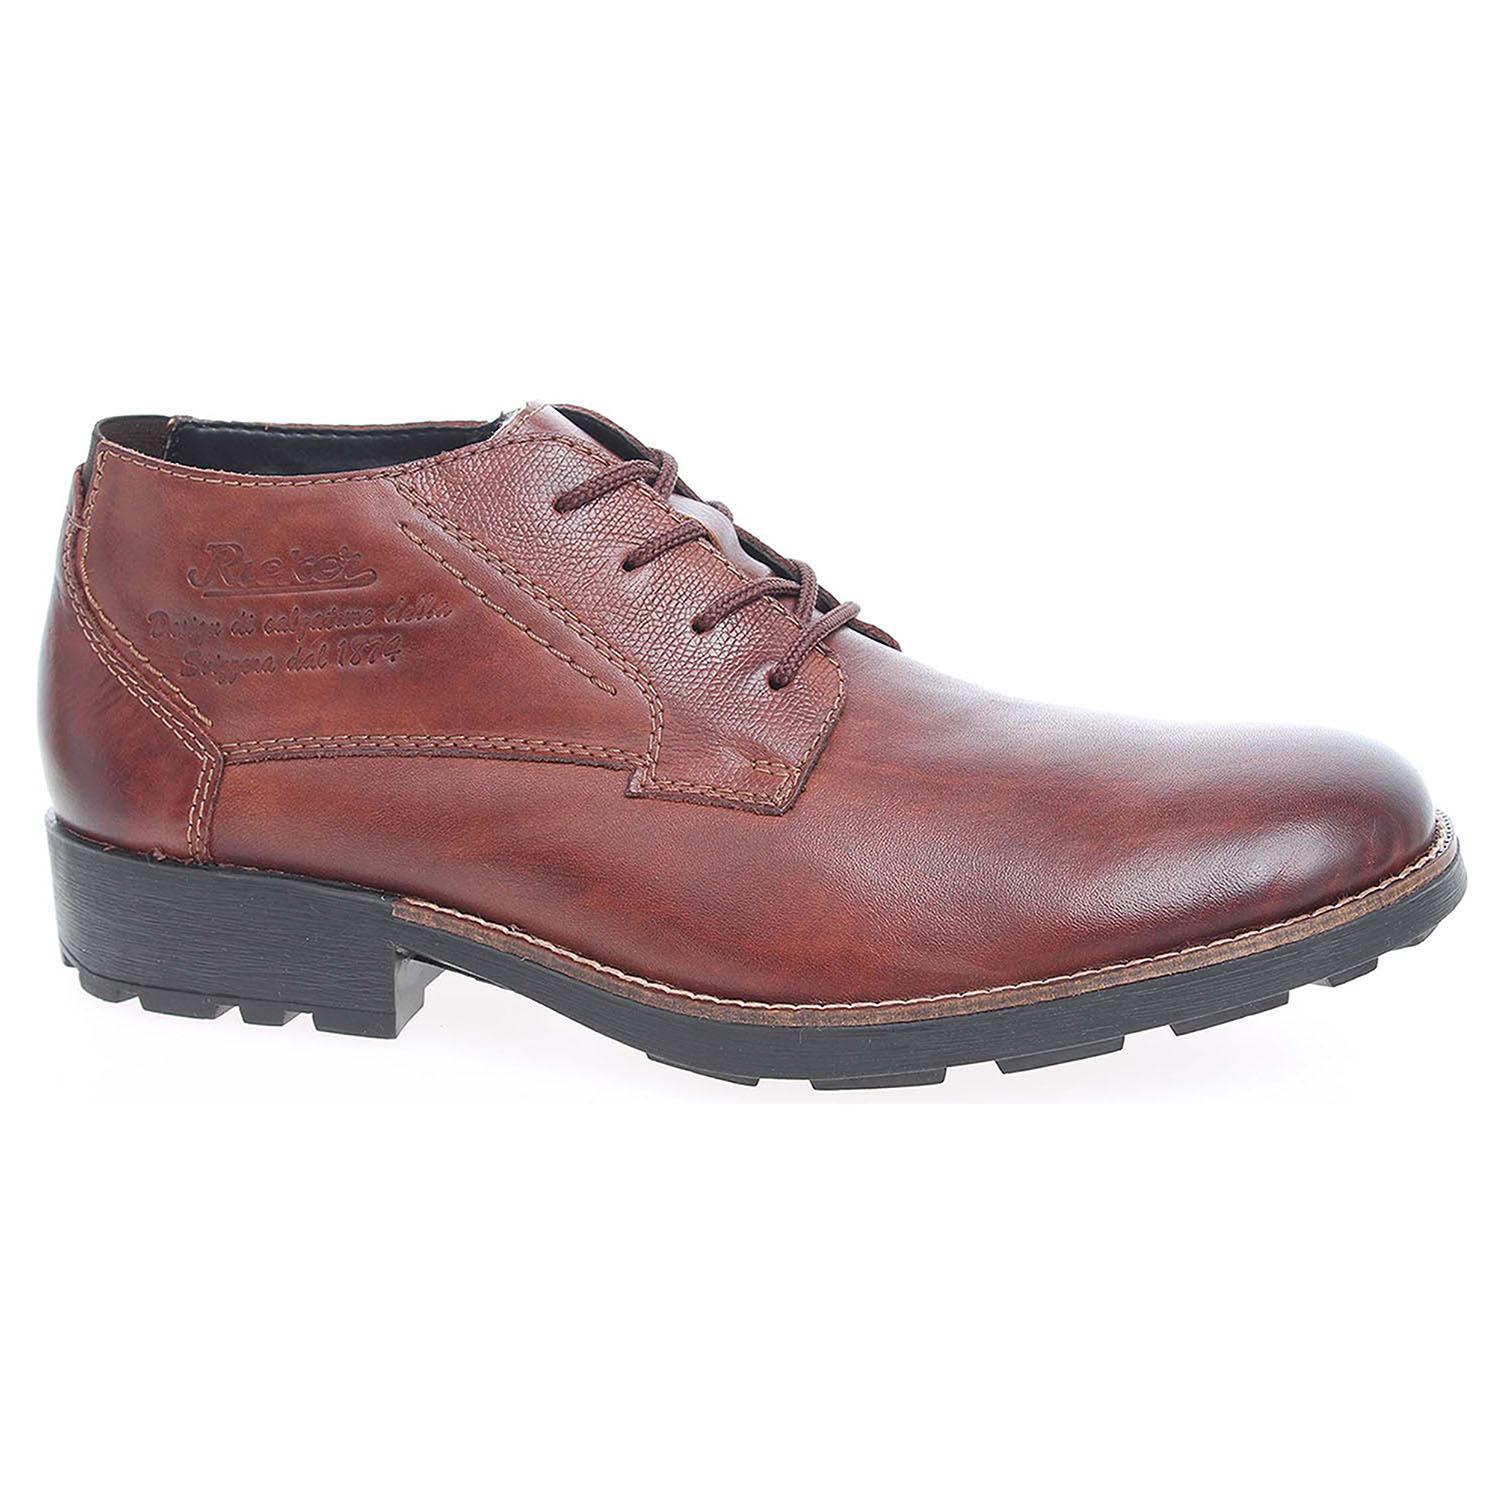 Pánská kotníková obuv Rieker 16043-24 hnědé 46